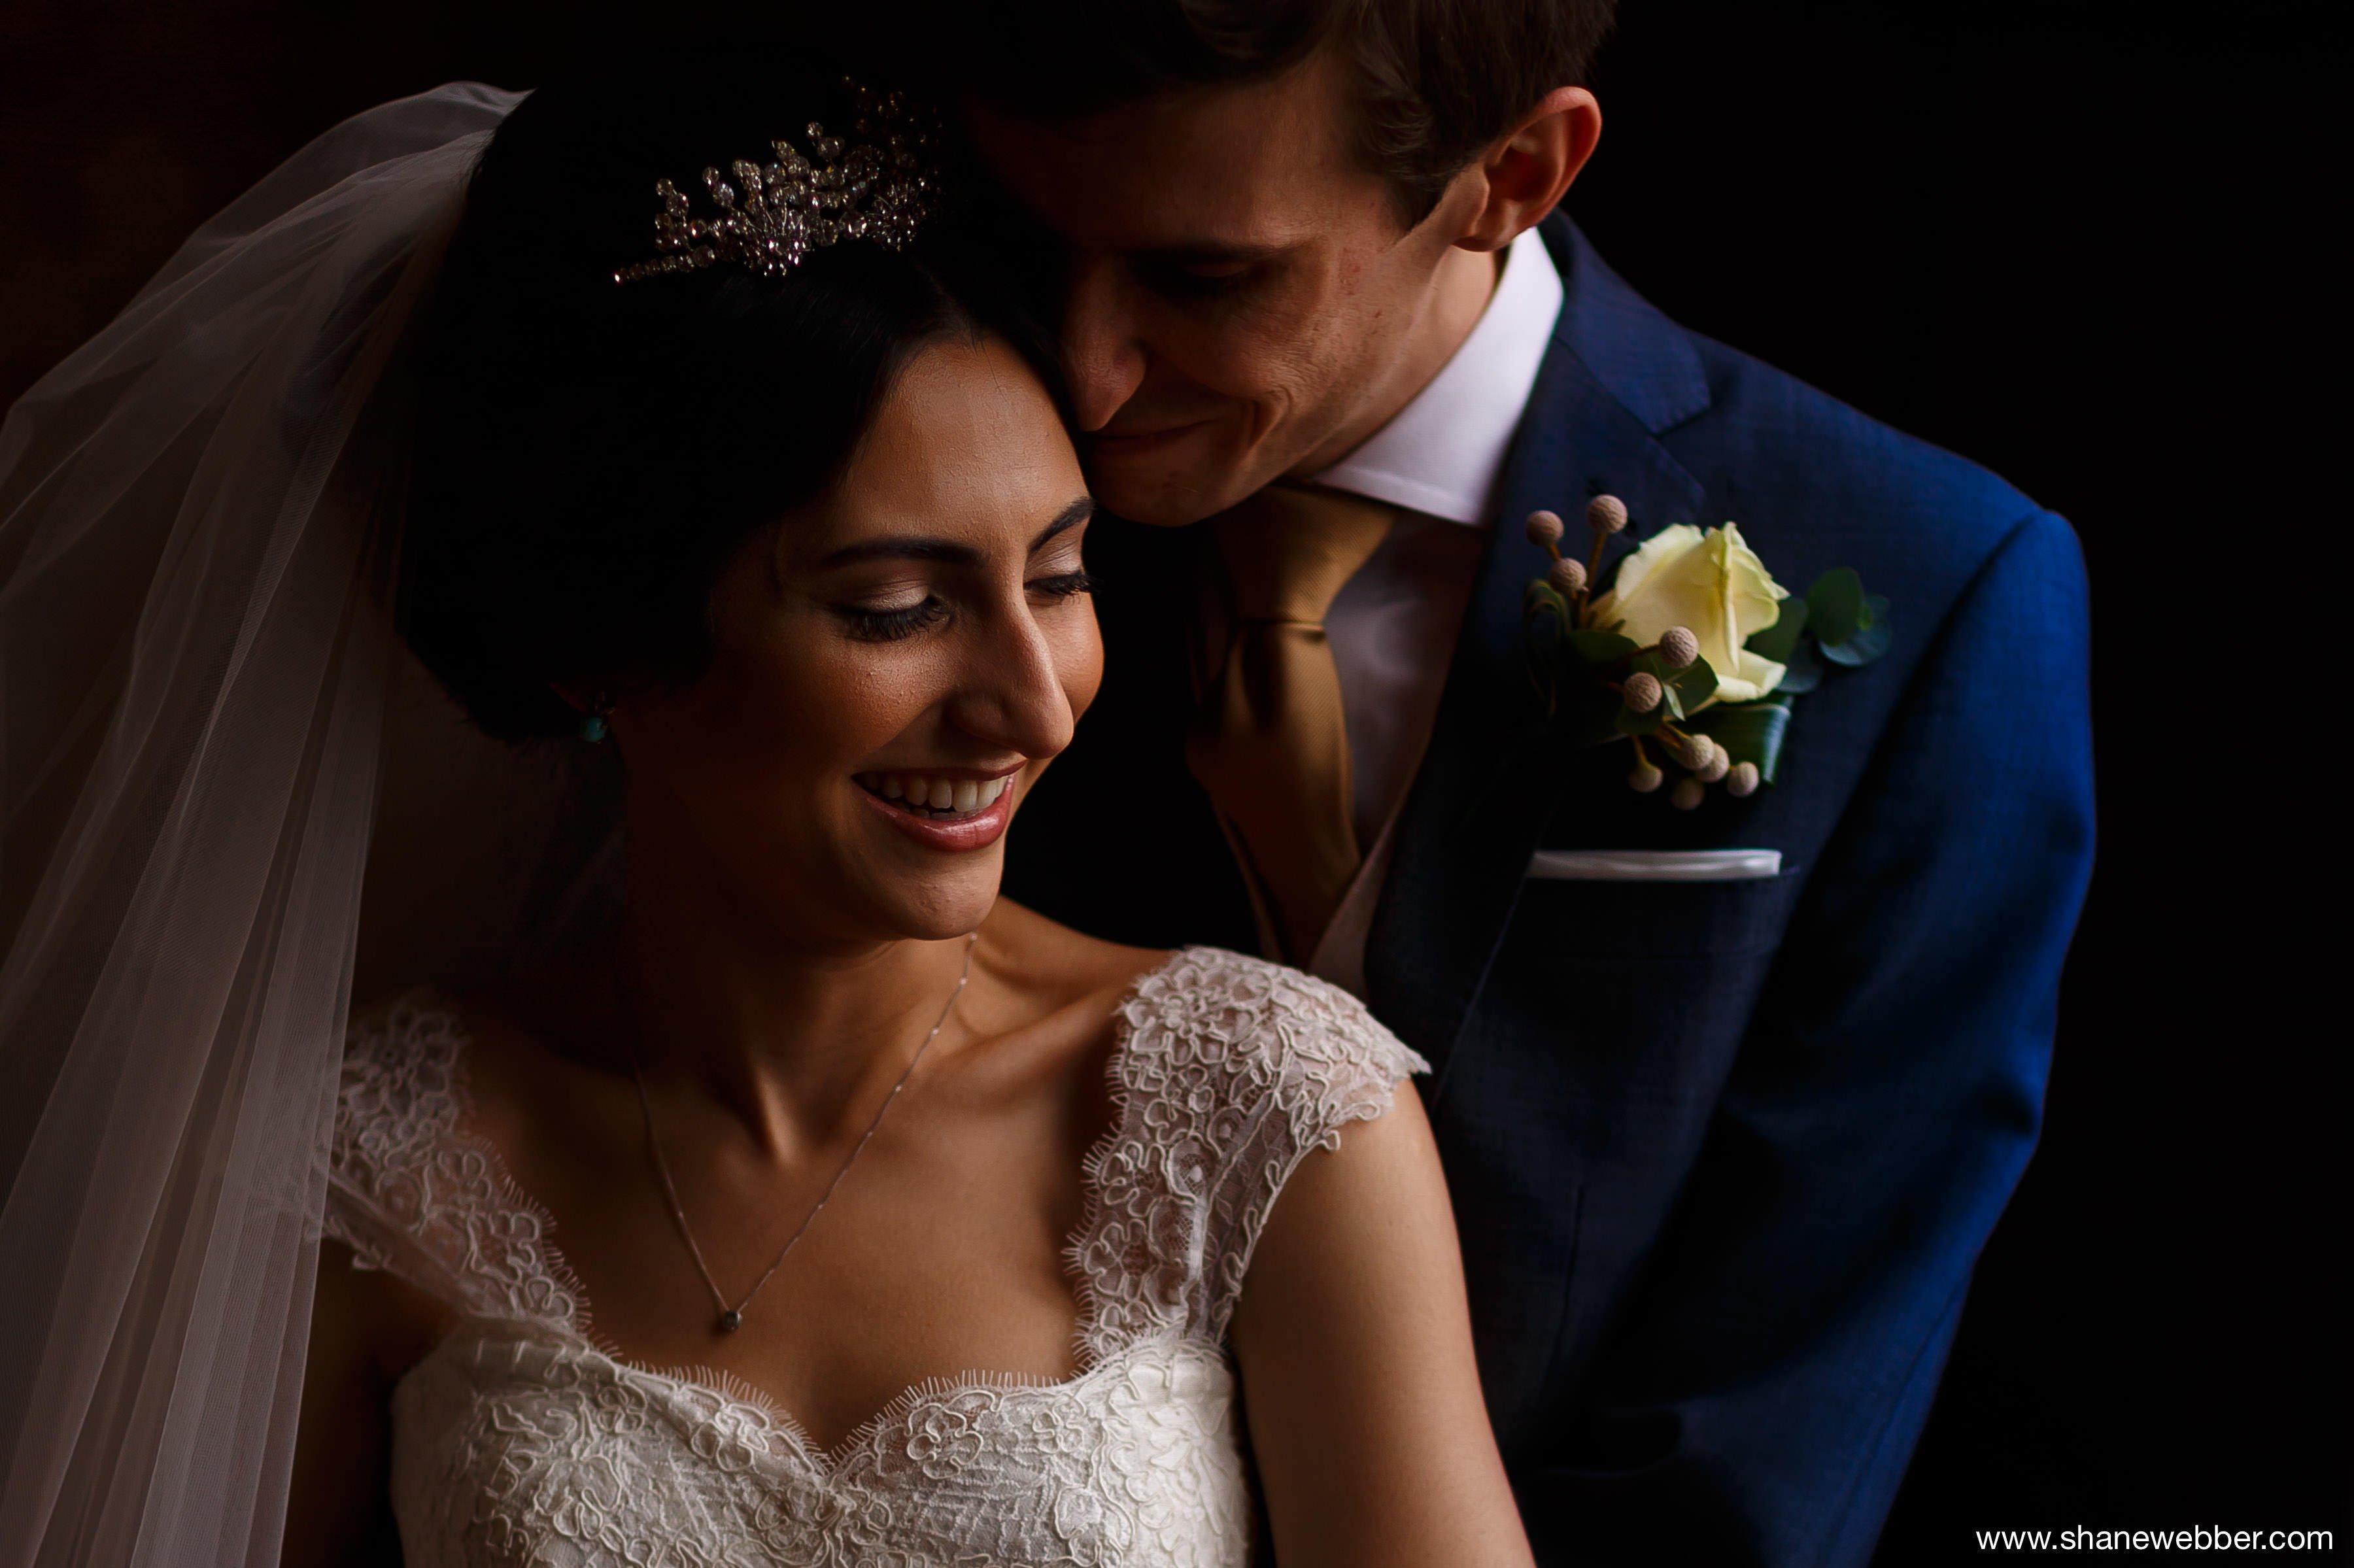 Iranian Amp Persian Wedding Photographer Manchester